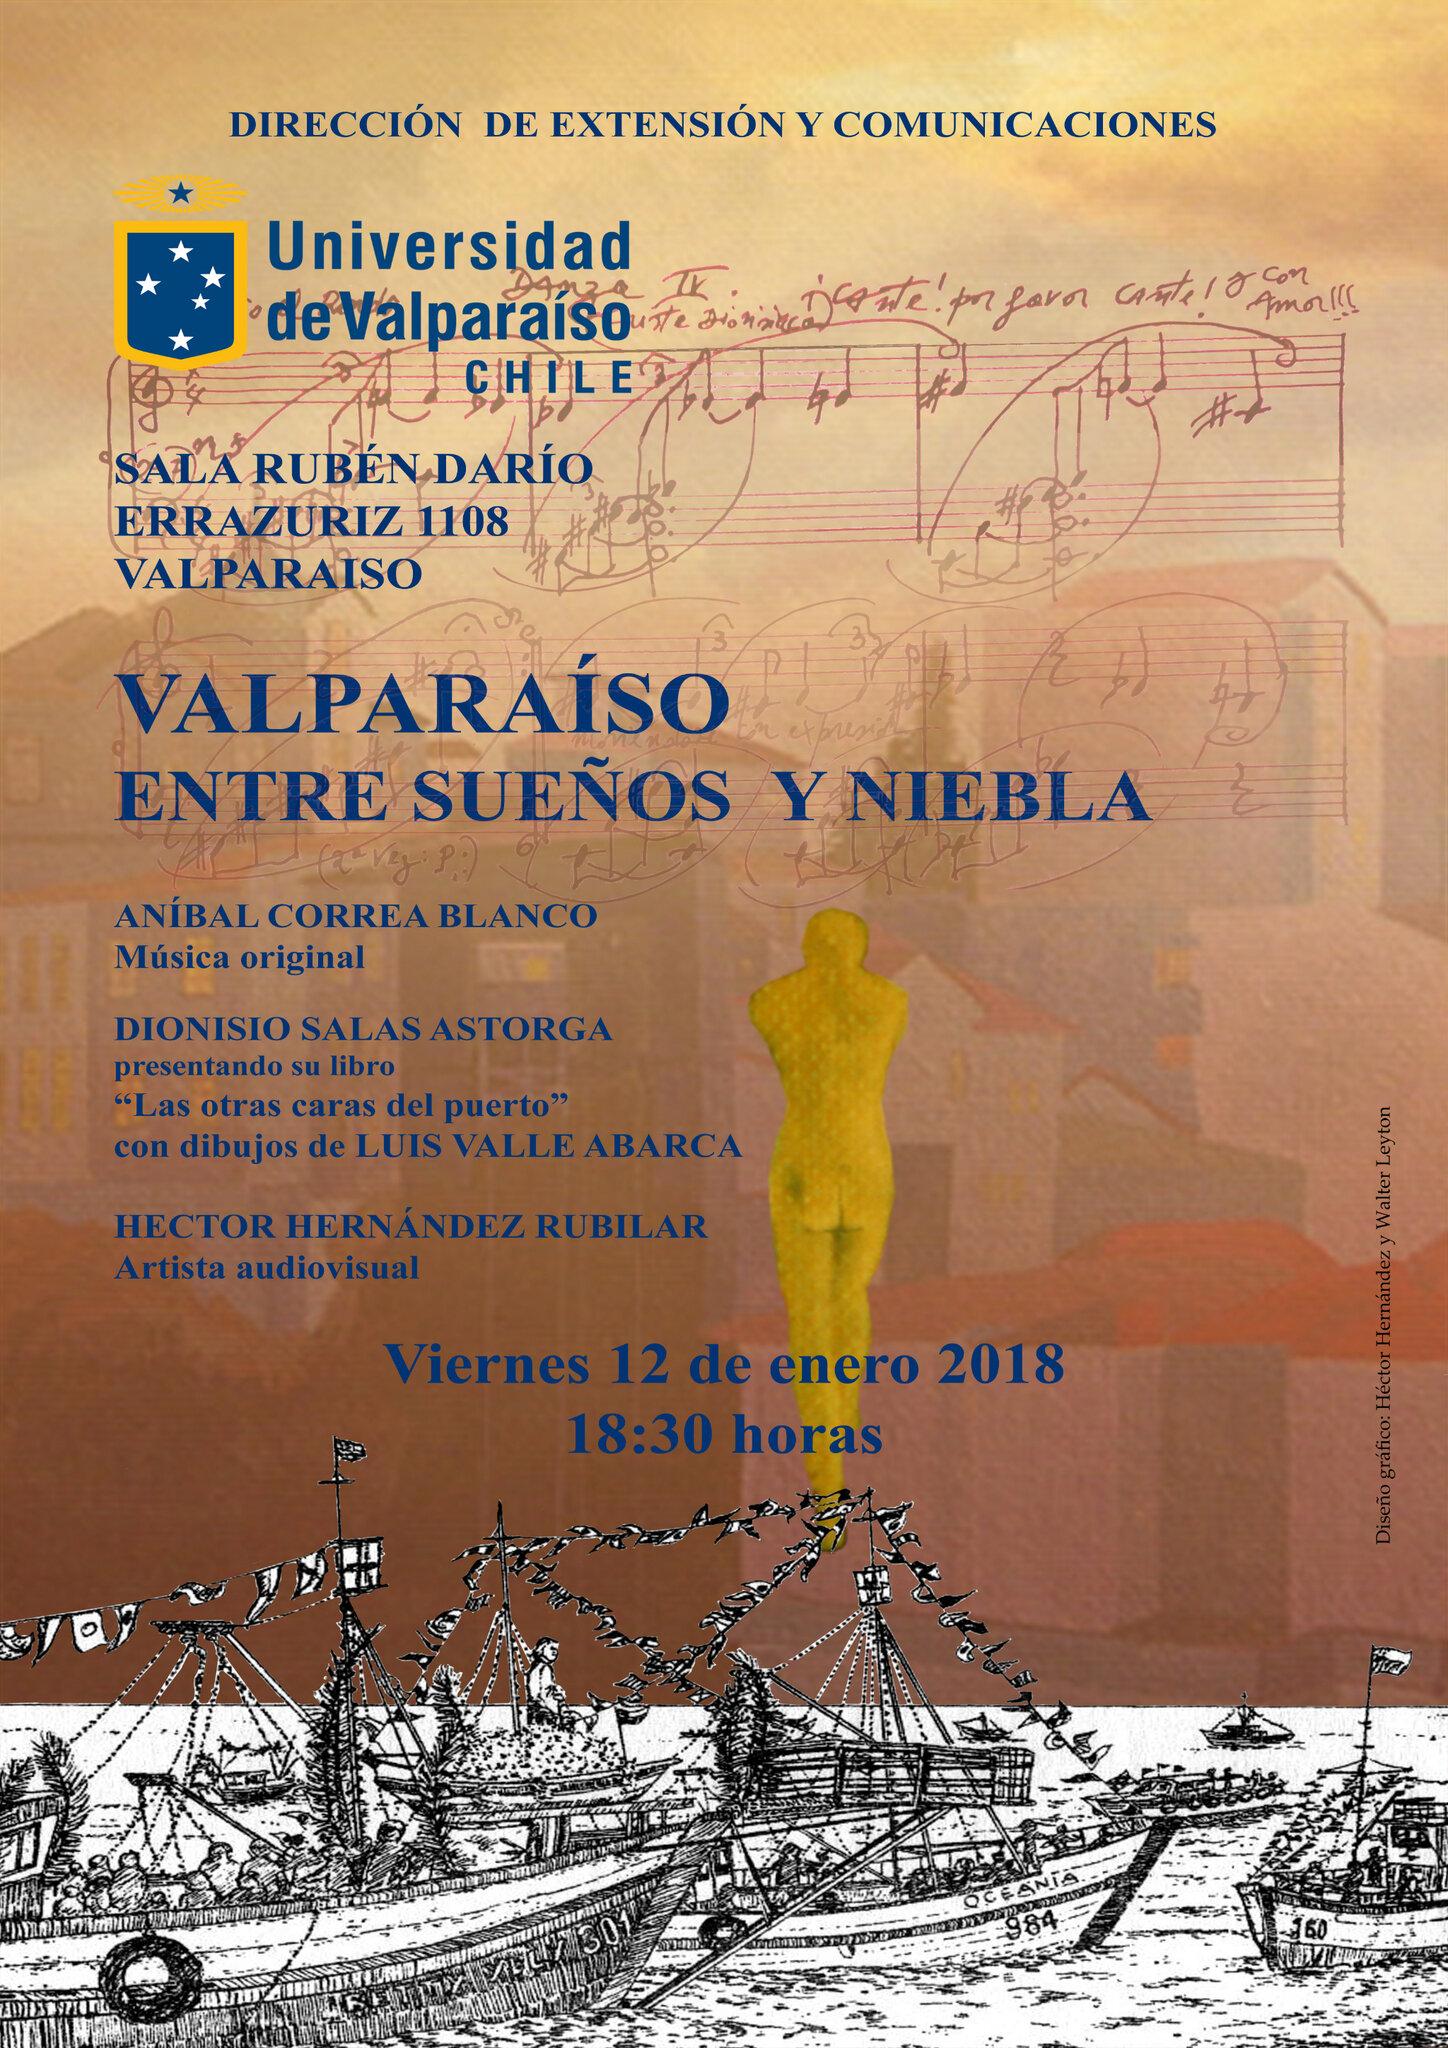 """""""VALPARAÍSO ENTRE SUEÑOS Y NIEBLA"""" - viernes 12 de enero 2018 - Universidad de Valparaíso"""